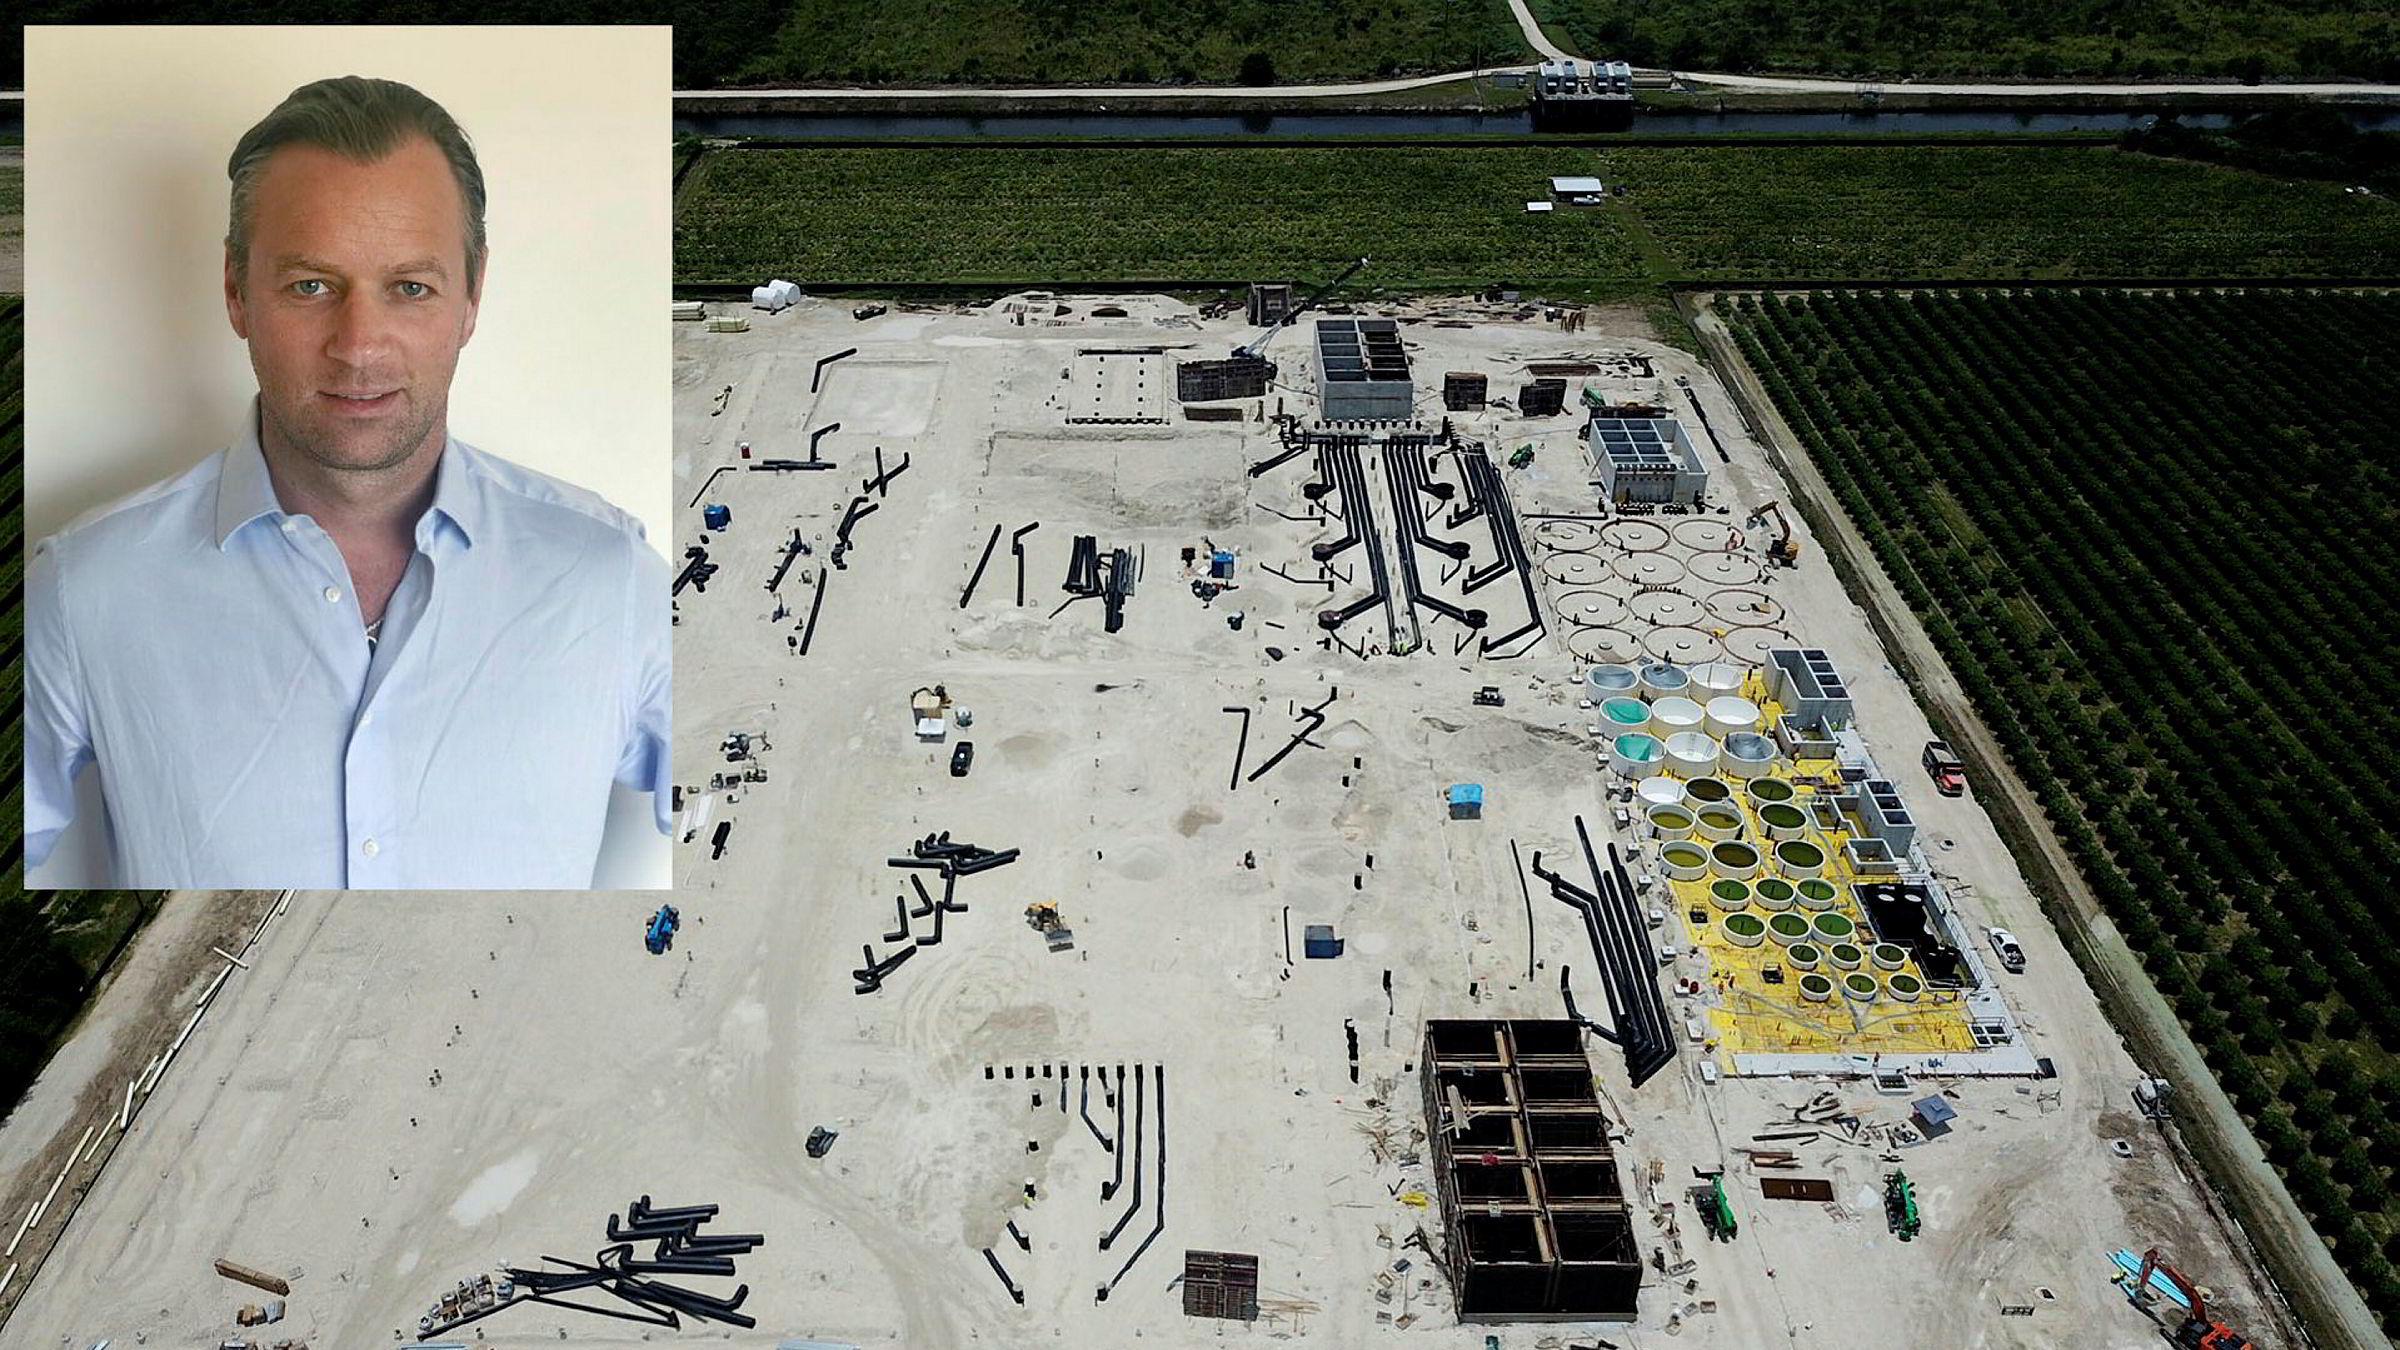 Blant vidstrakte åkere i Homestead i Florida skal Johan Andreassen og Atlantic Sapphire bygge verdens største landbasert oppdrettsanlegg.